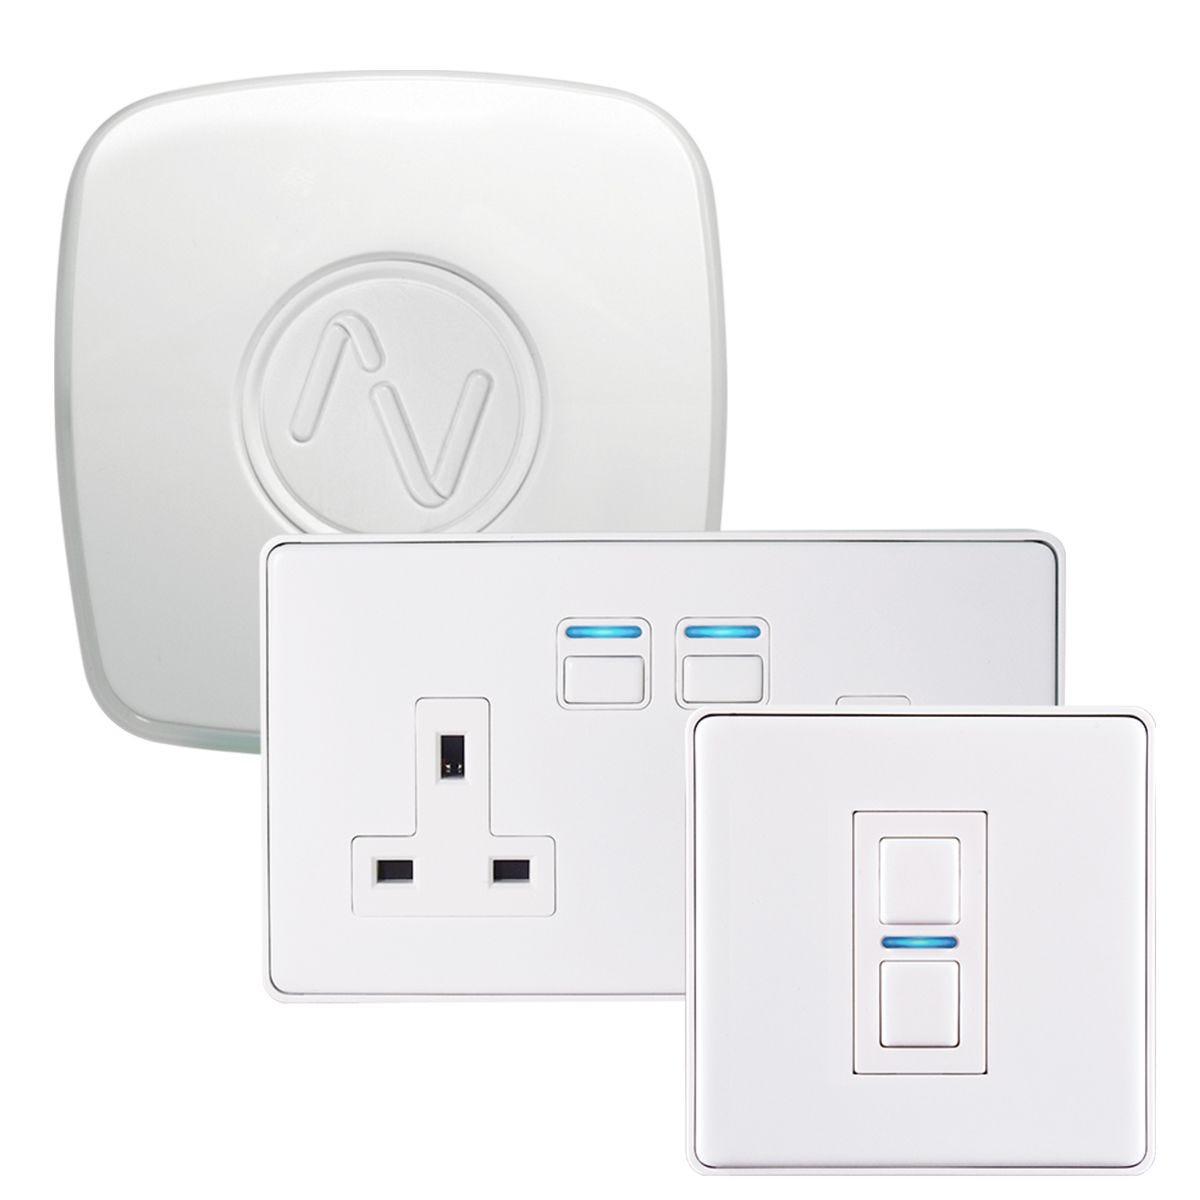 Lightwave Lighting & Power Starter Kit (Smart Series) -  White Metal